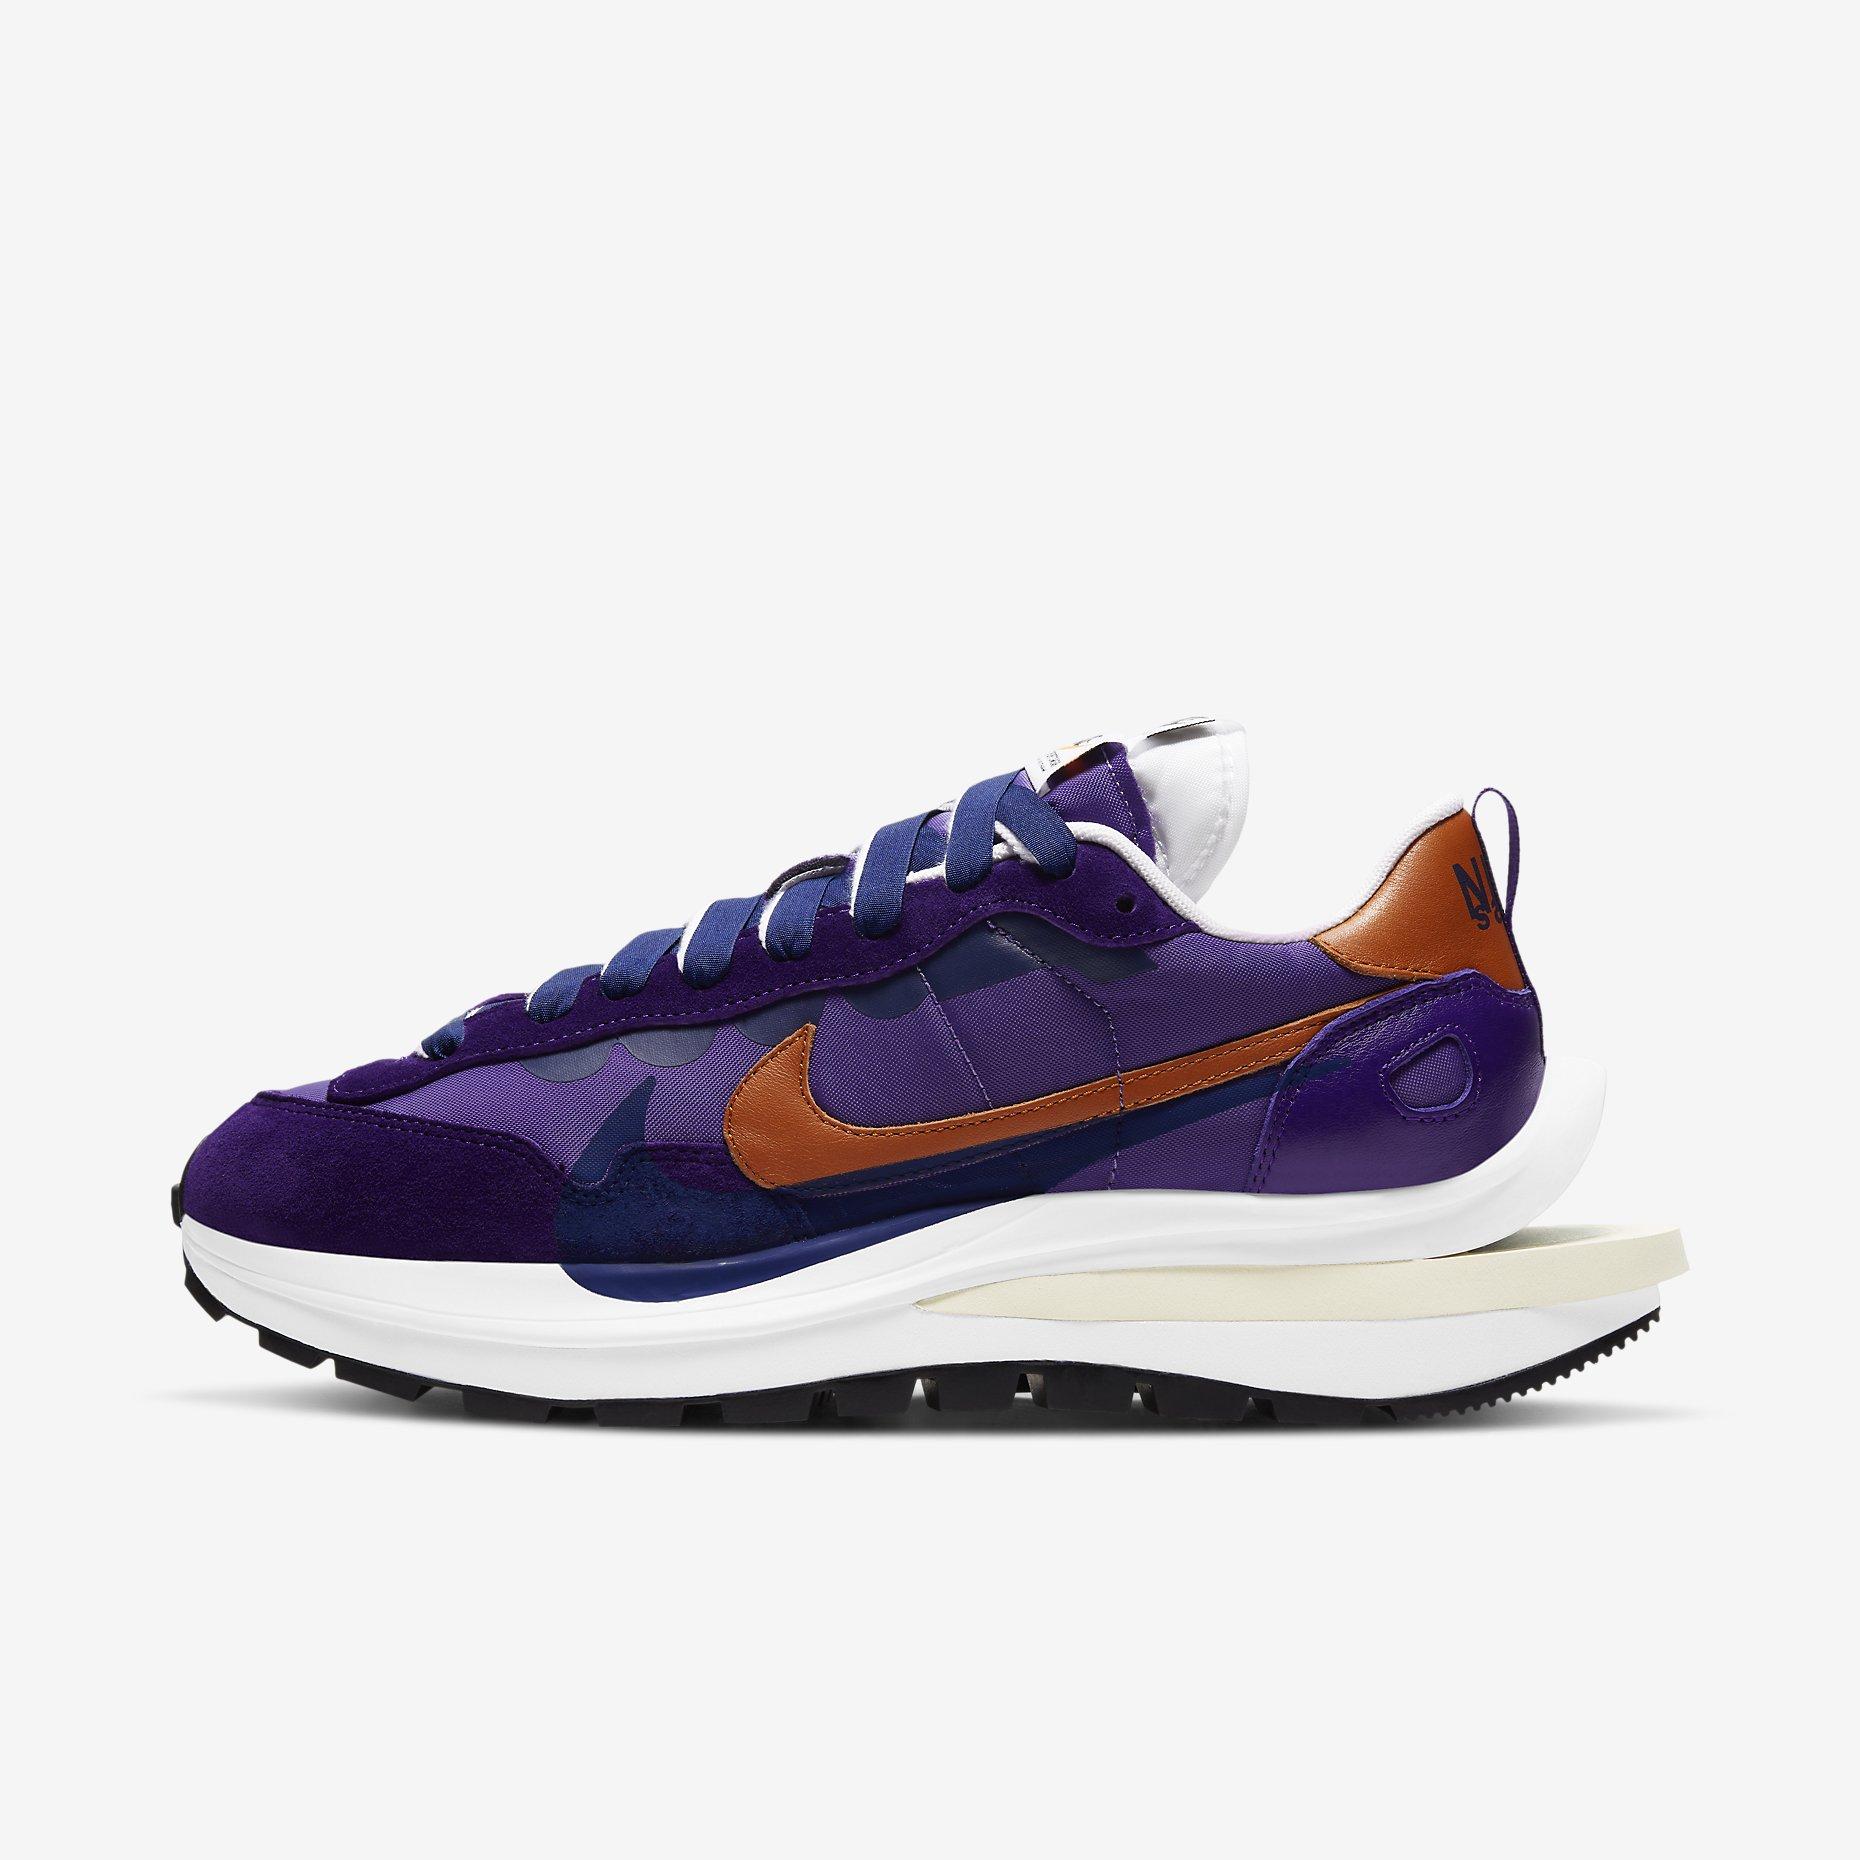 Nike x Sacai VaporWaffle 'Dark Iris Campfire Orange'}